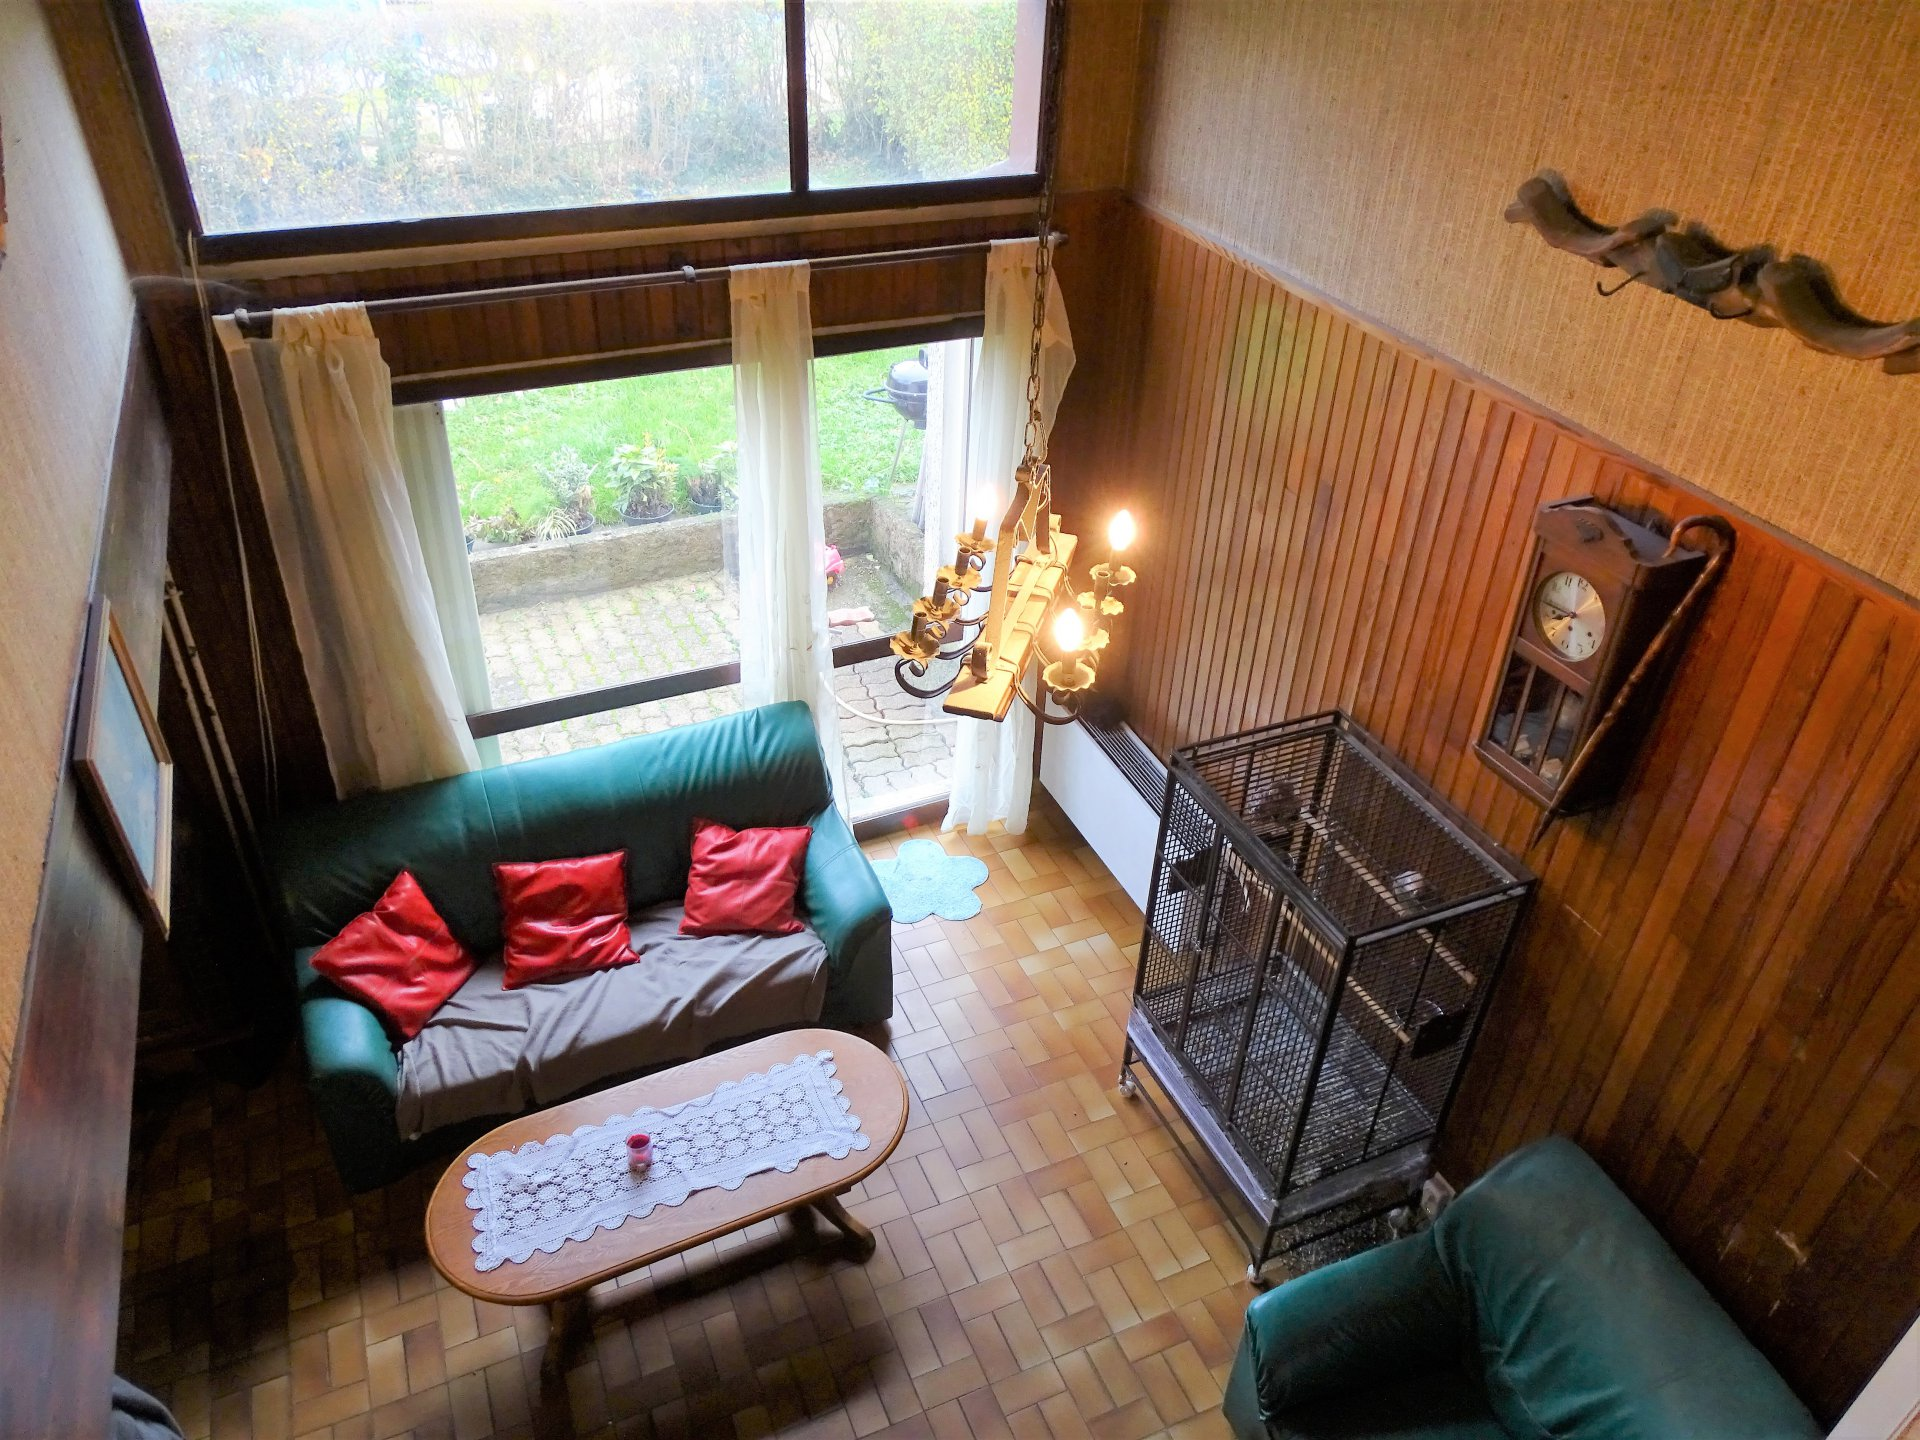 Dans quartier résidentiel sur Mâcon, maison à rénover d'environ 95 m² avec garage attenant.  Elle se compose au  rez de chaussée, d'une entrée, d'une cuisine aménagée, d'une chambre et d'un séjour ouvert sur la terrasse. A l'étage, elle dispose de 3 chambres et d'une salle de bain.  Joli jardin clôt et sans vis à vis de 290 m².  Travaux à prévoir mais beau potentiel ! Honoraires à charge vendeurs